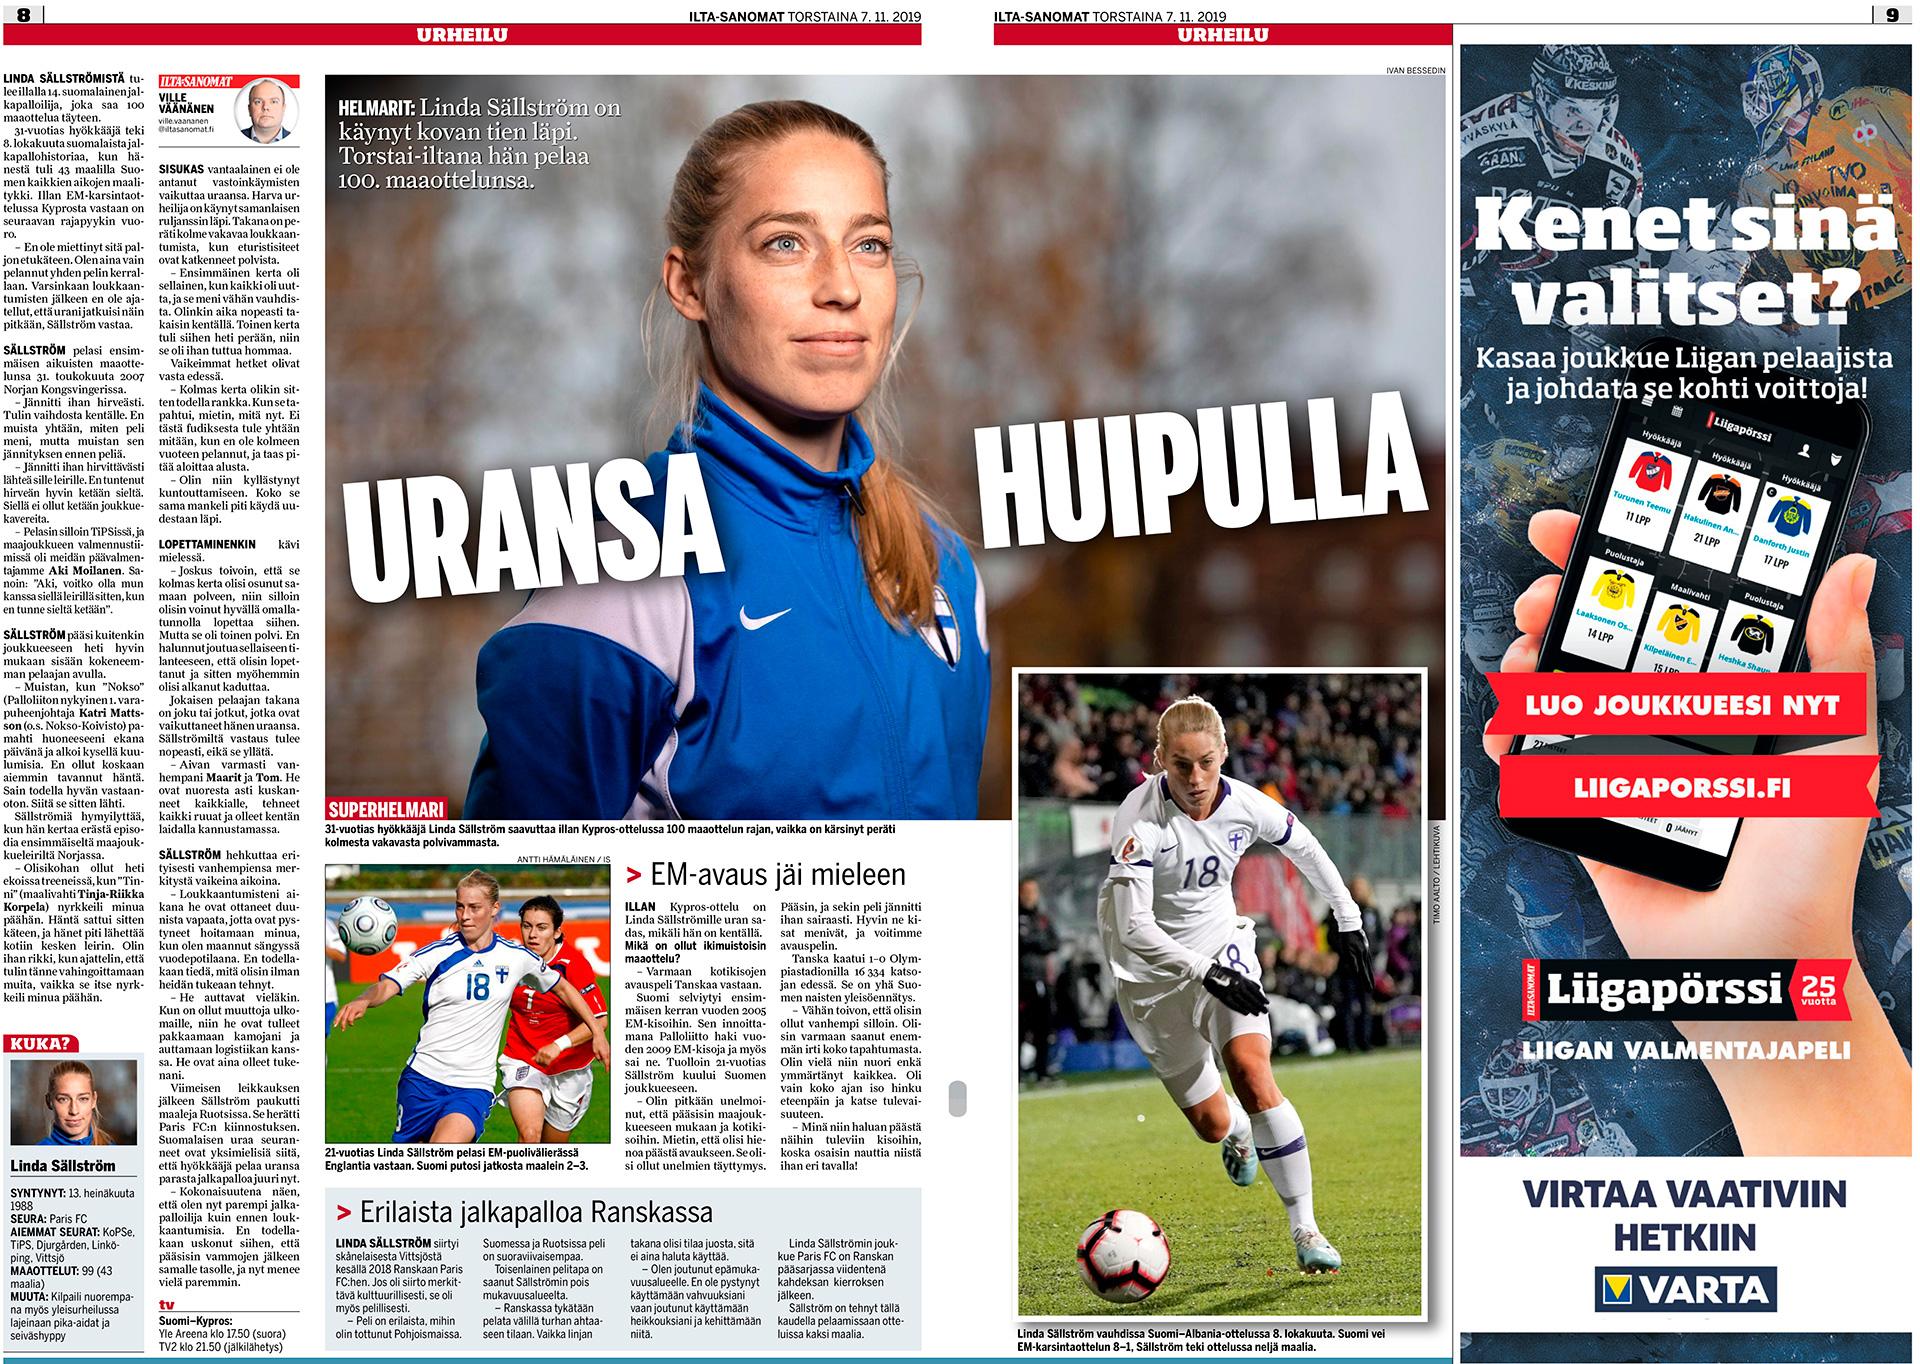 Urheilu Lehti, Linda Sällström, football player, jalkapalloilija